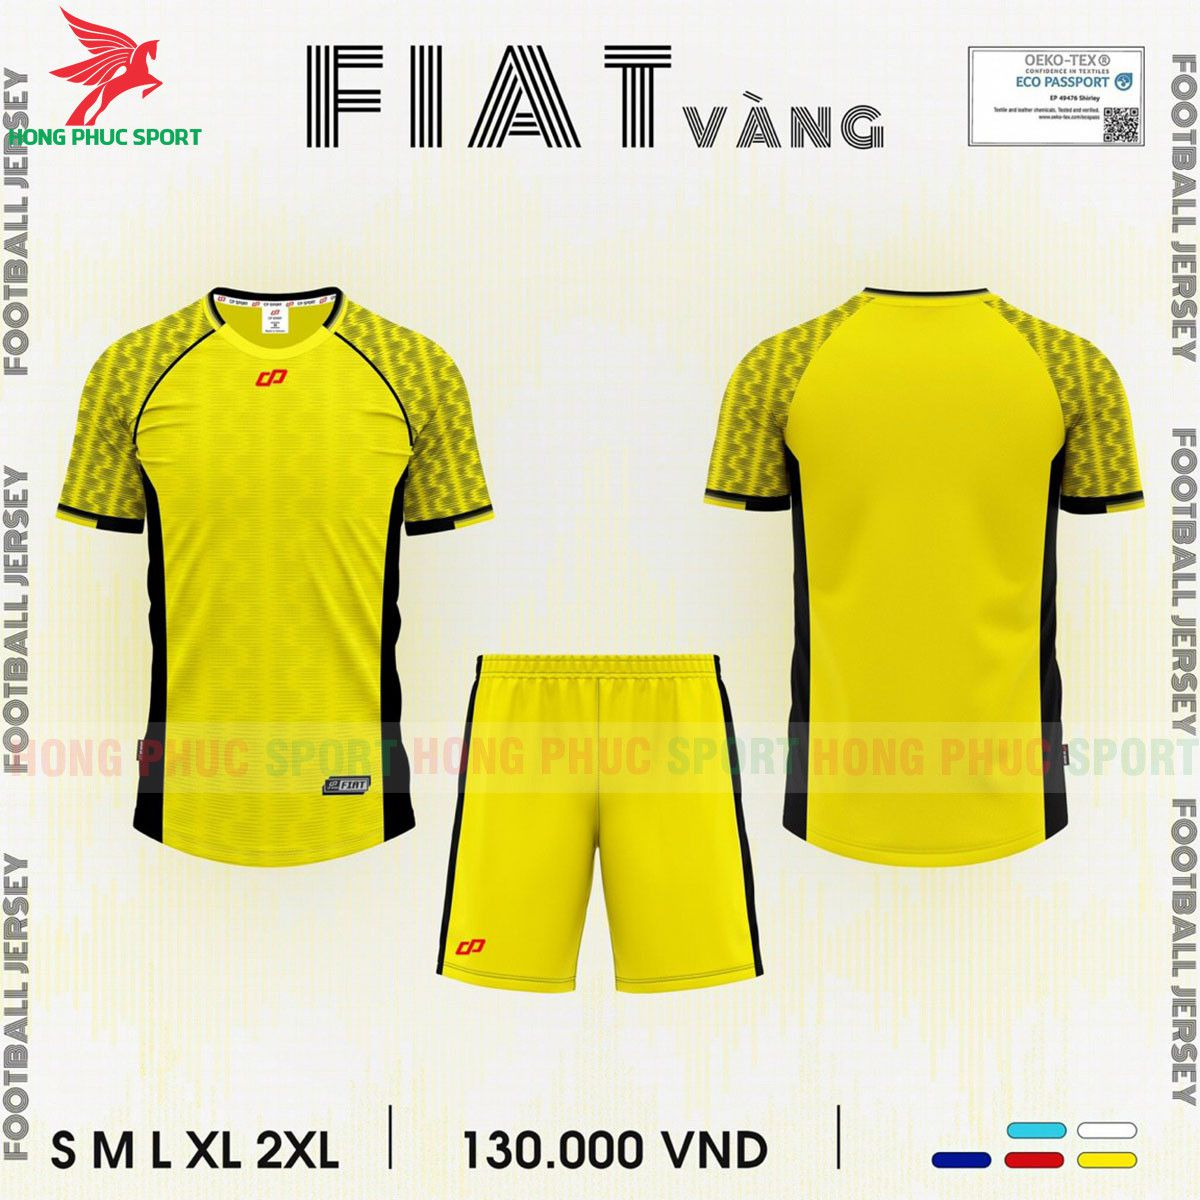 https://cdn.hongphucsport.com/unsafe/s4.shopbay.vn/files/285/ao-bong-da-khong-logo-fiat-vang-1-60f504662fb20.jpg